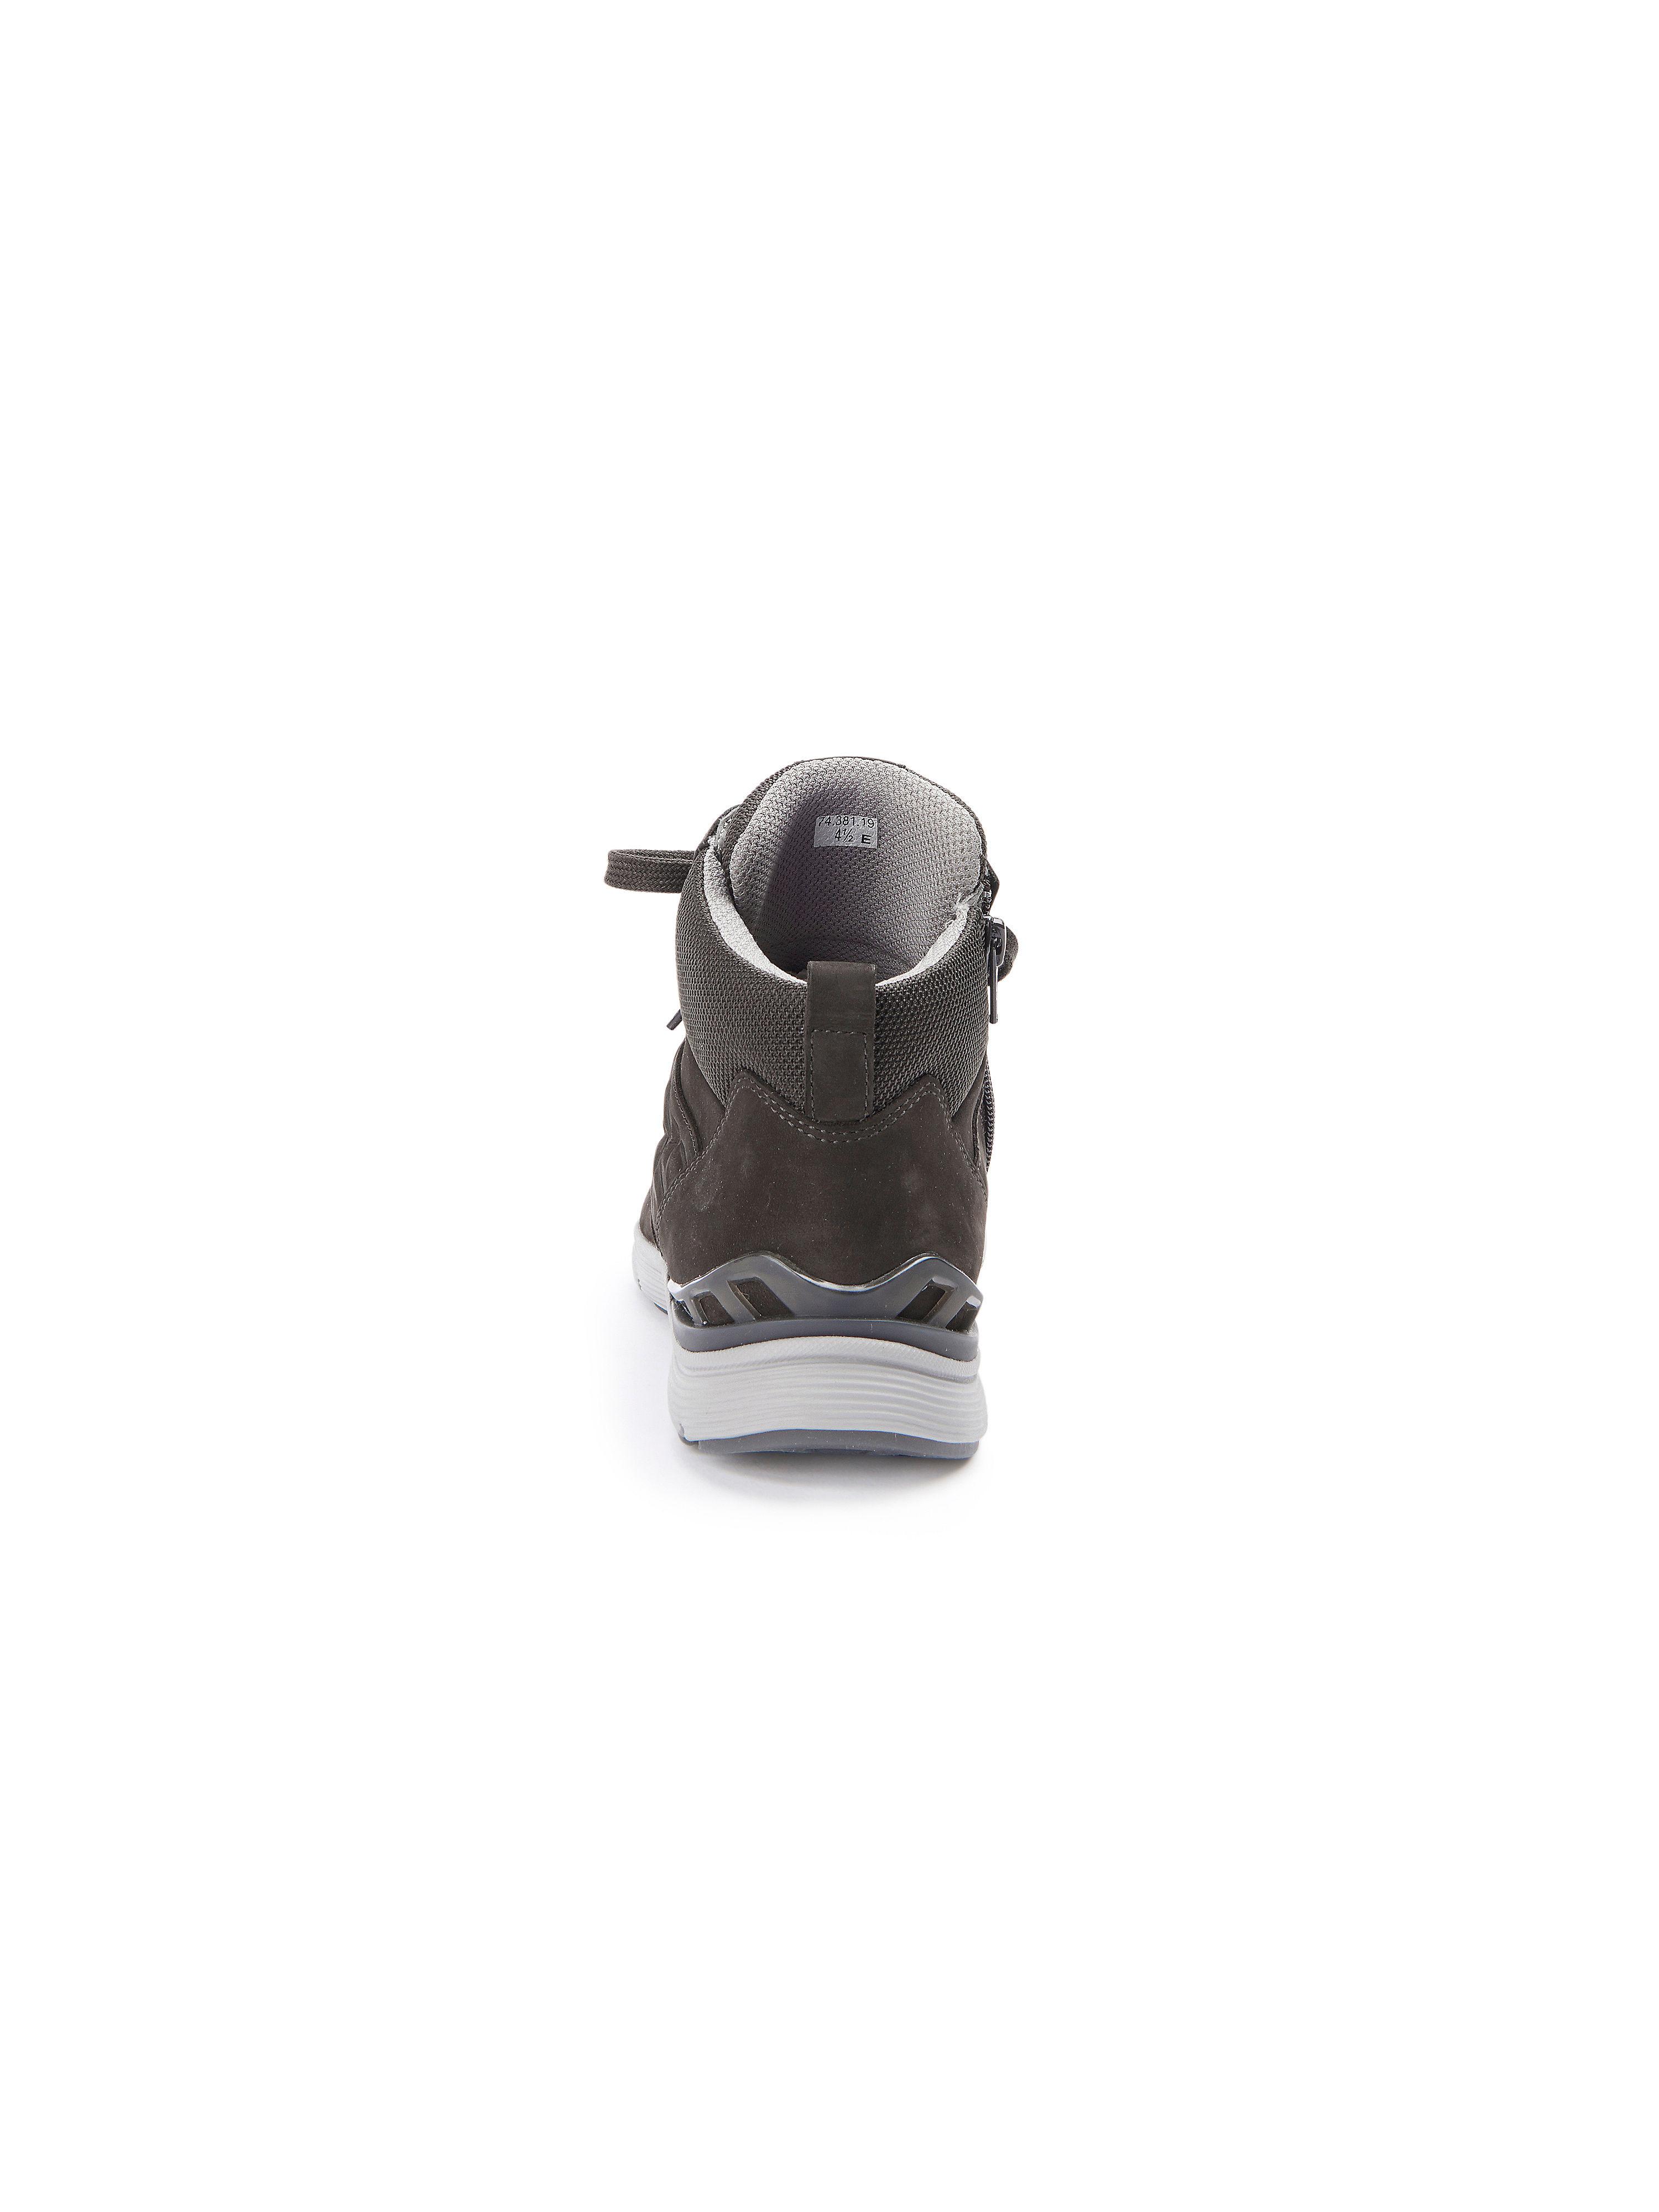 Gabor - Gute Knöchelhoher Sneaker - Anthrazit Gute - Qualität beliebte Schuhe 43c8c2